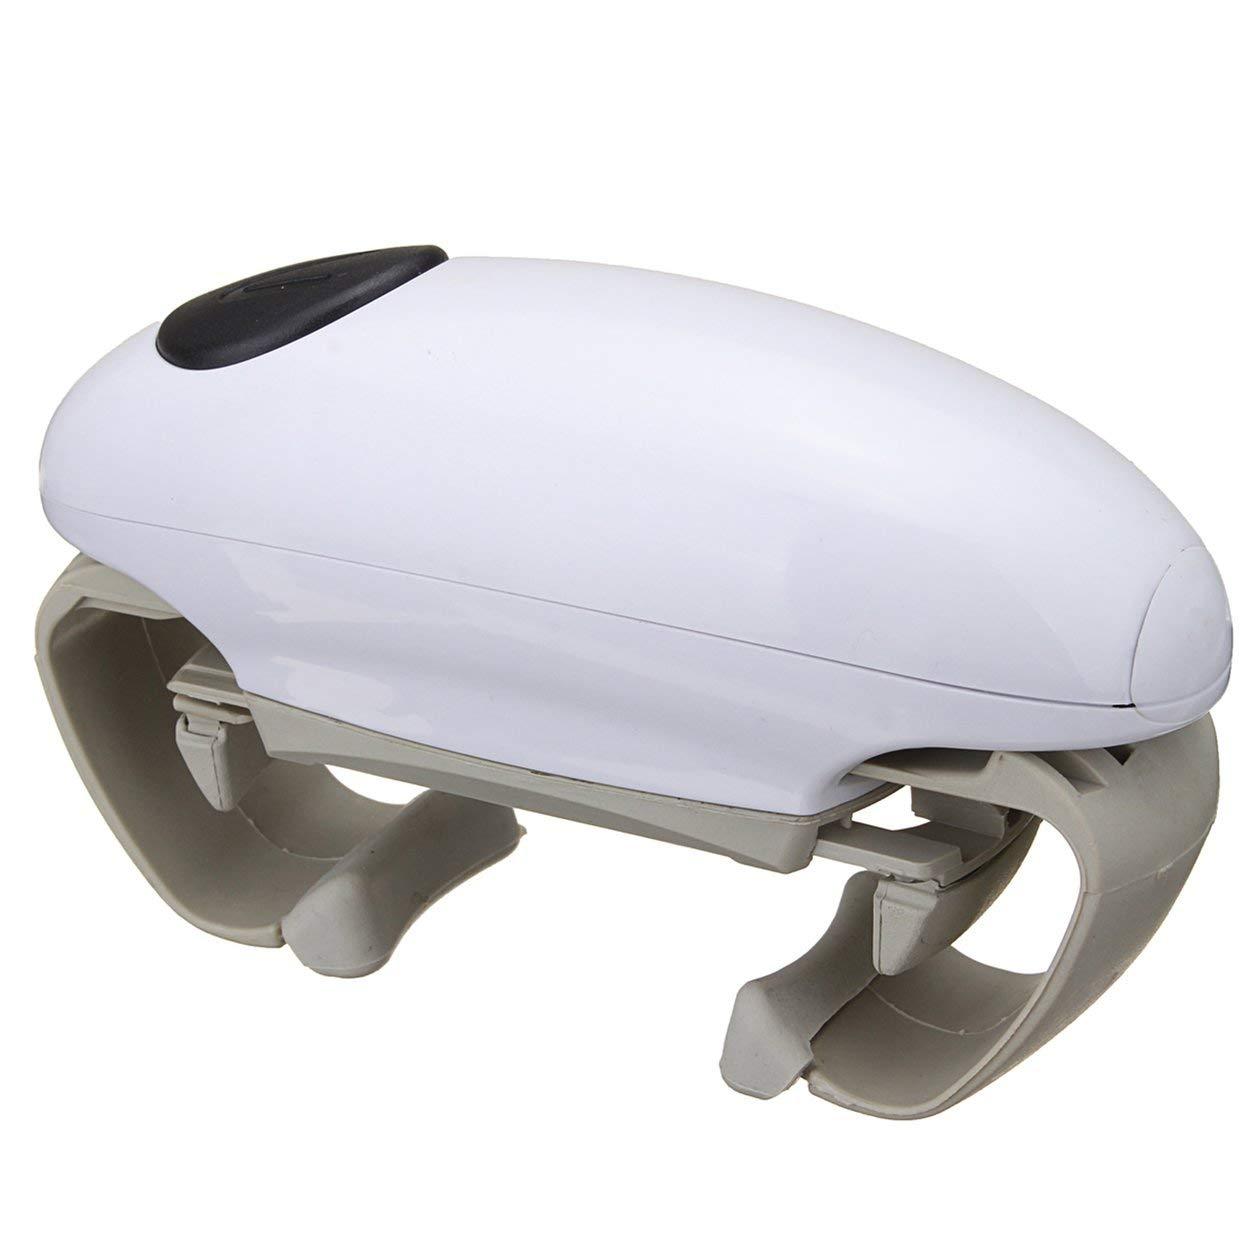 HONGIGI Ouvre-Bocal /électrique portatif Ouvre-bo/îtes sans Fil /à ouvre-Porte Automatique /à Piles Outil de Cuisine Couleur: Blanc